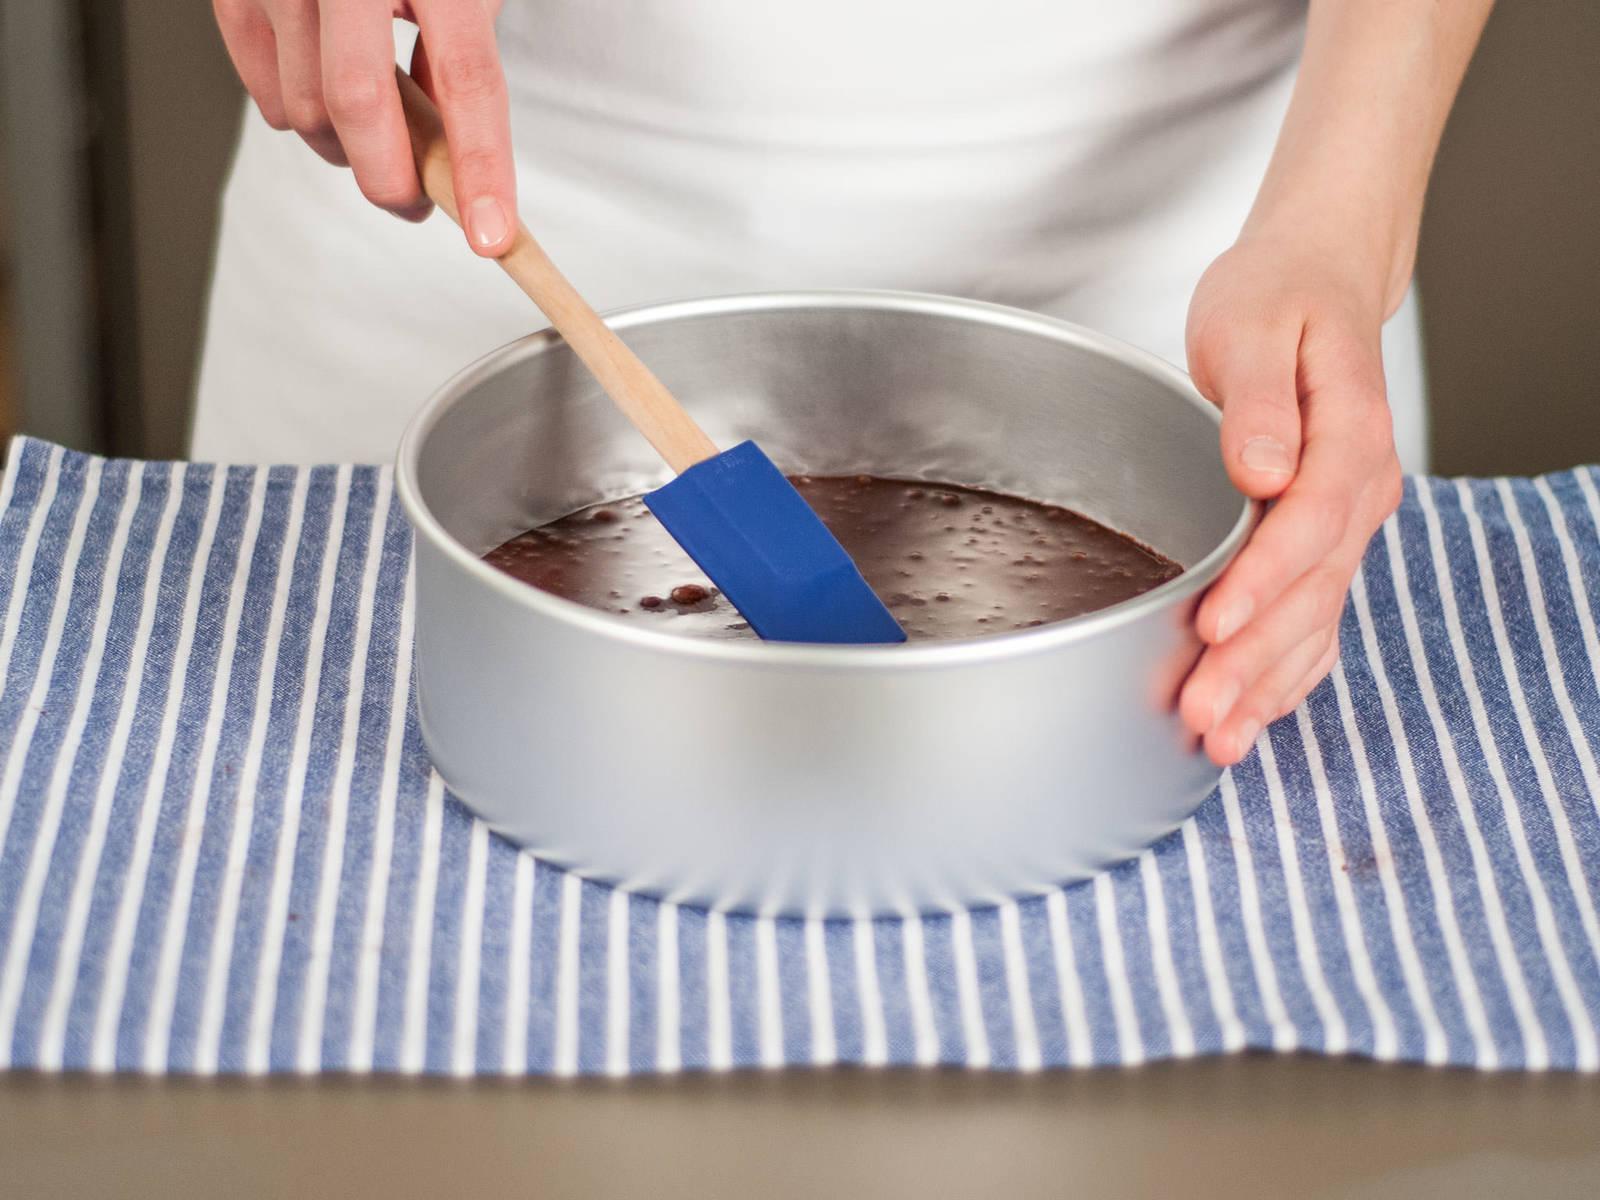 将混合物倒入圆形烤模中,放入预热好的烤箱中用180度烘烤15-20分钟,插入牙签后,牙签上无附着物时烤制完成。